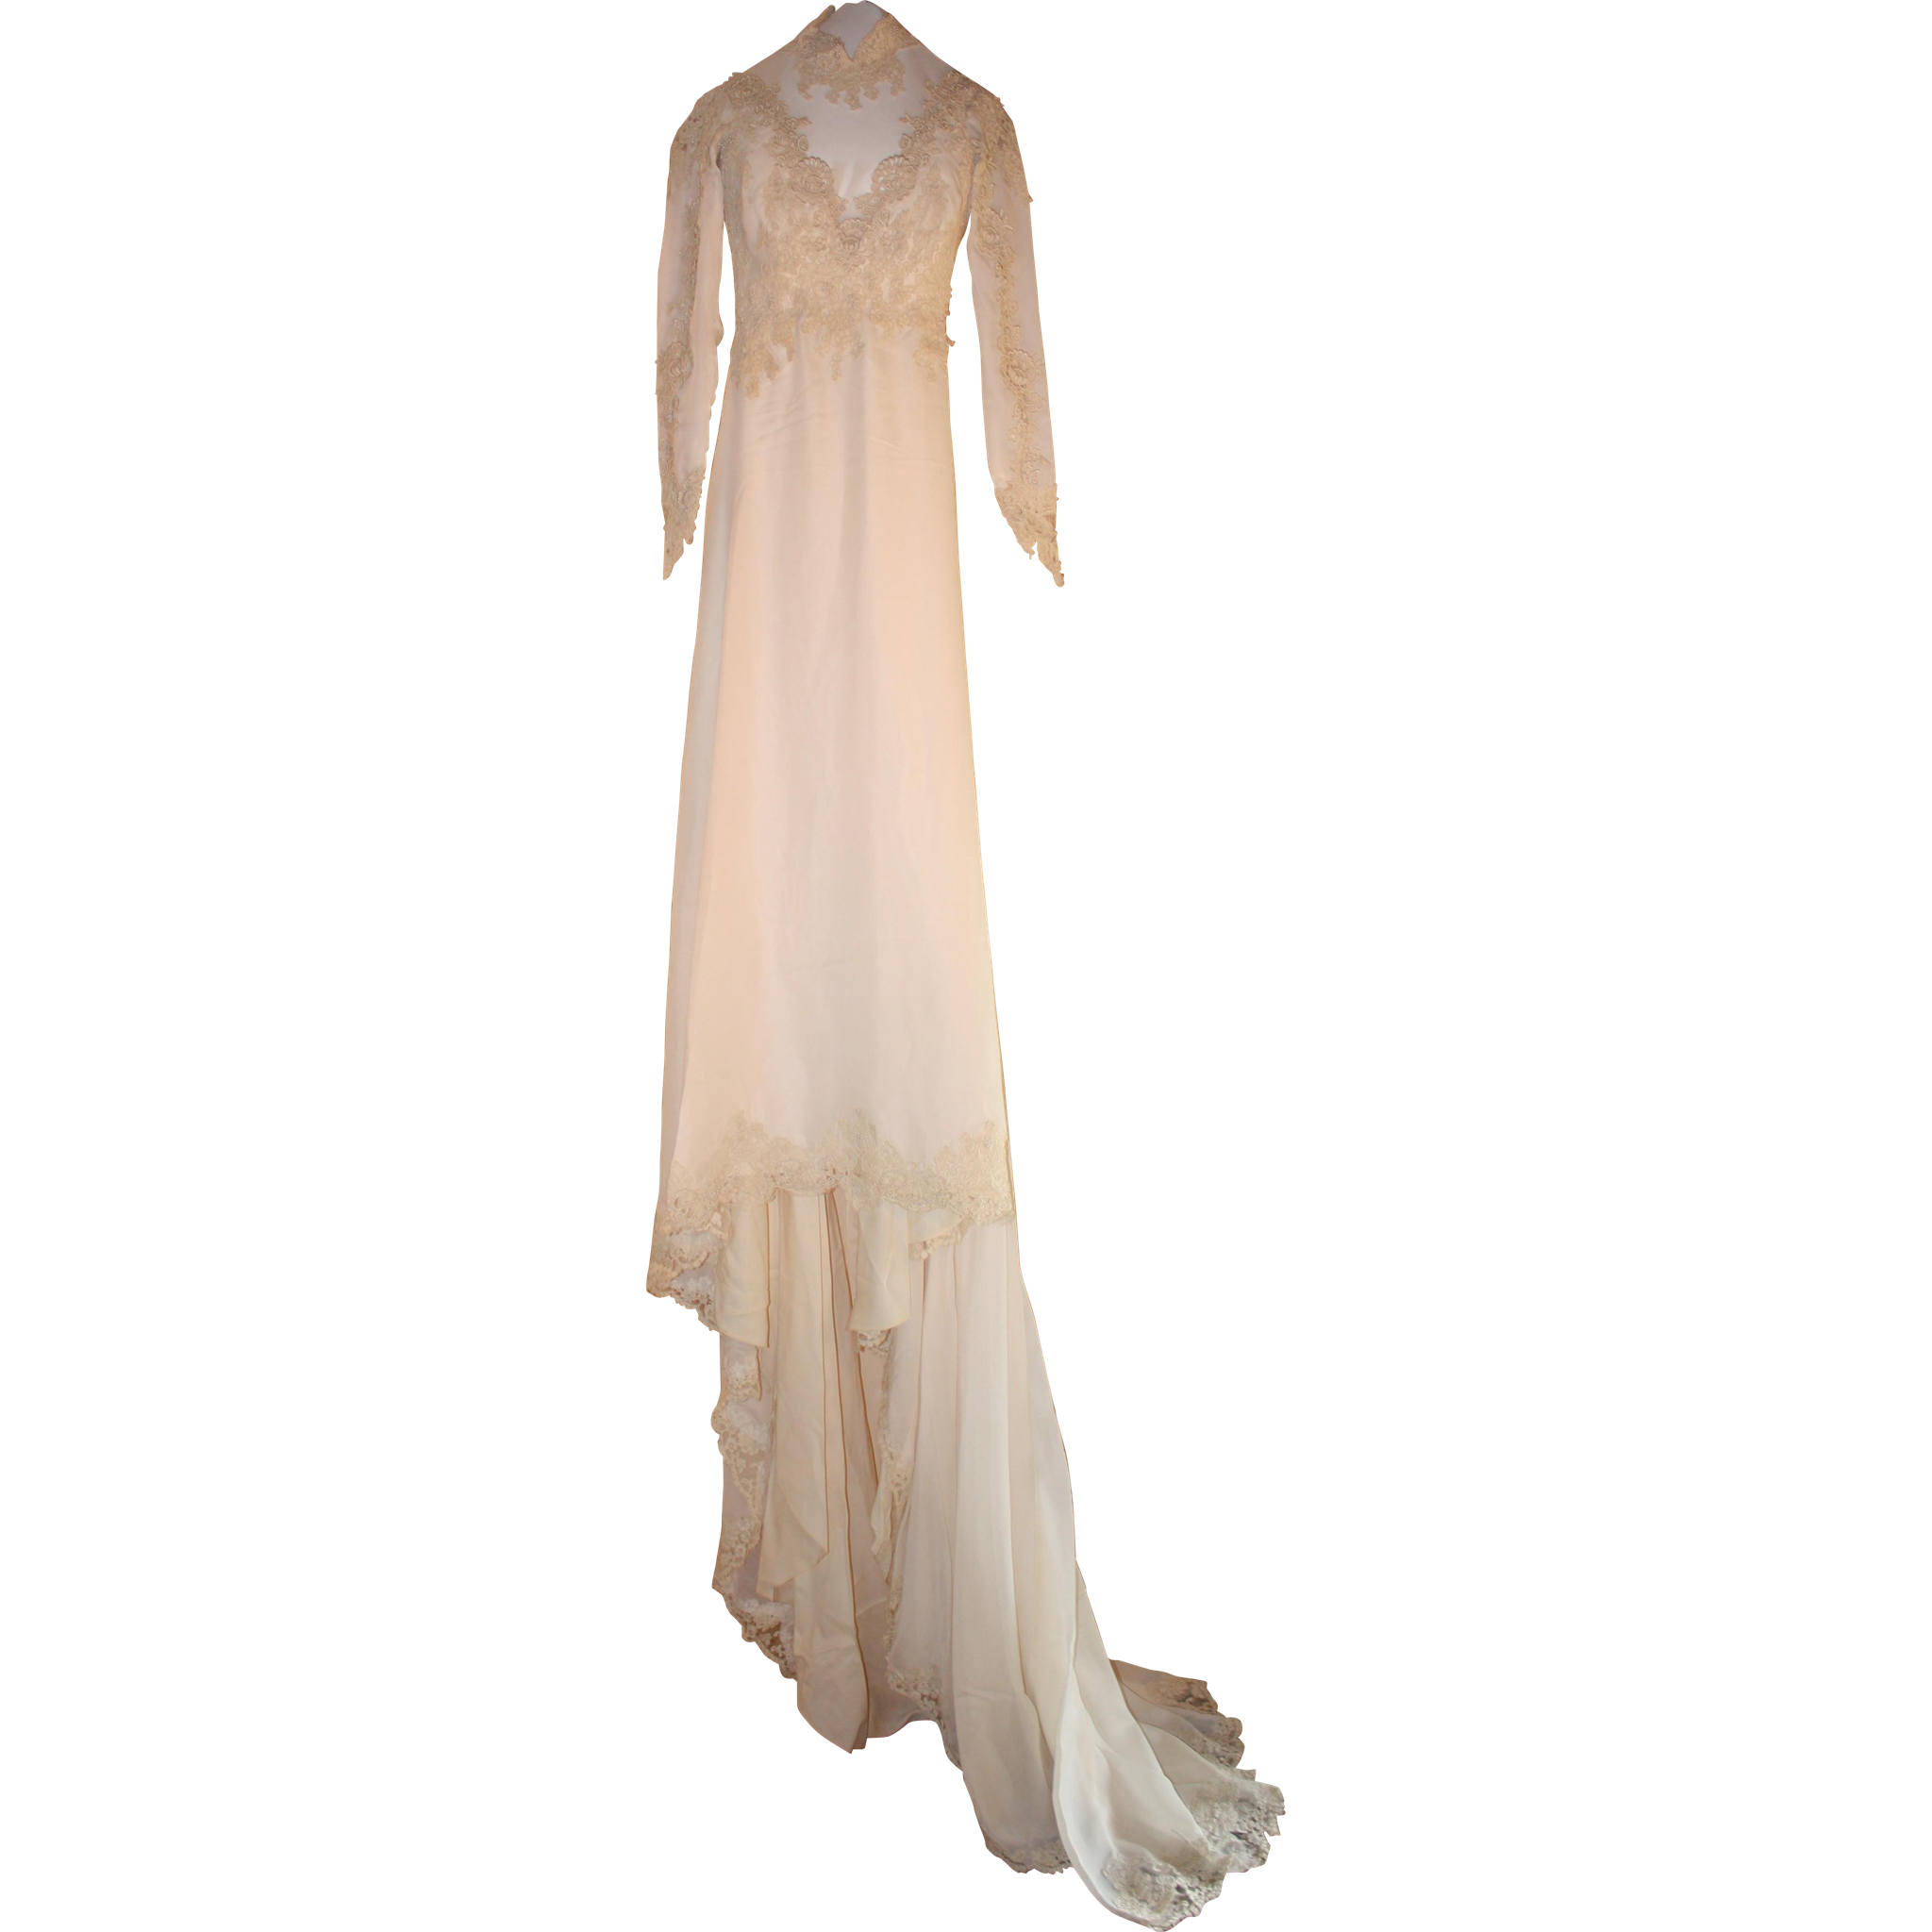 Beautiful 19th century silk chiffon wedding dress with battenburg beautiful 19th century silk chiffon wedding dress with battenburg lace ombrellifo Choice Image